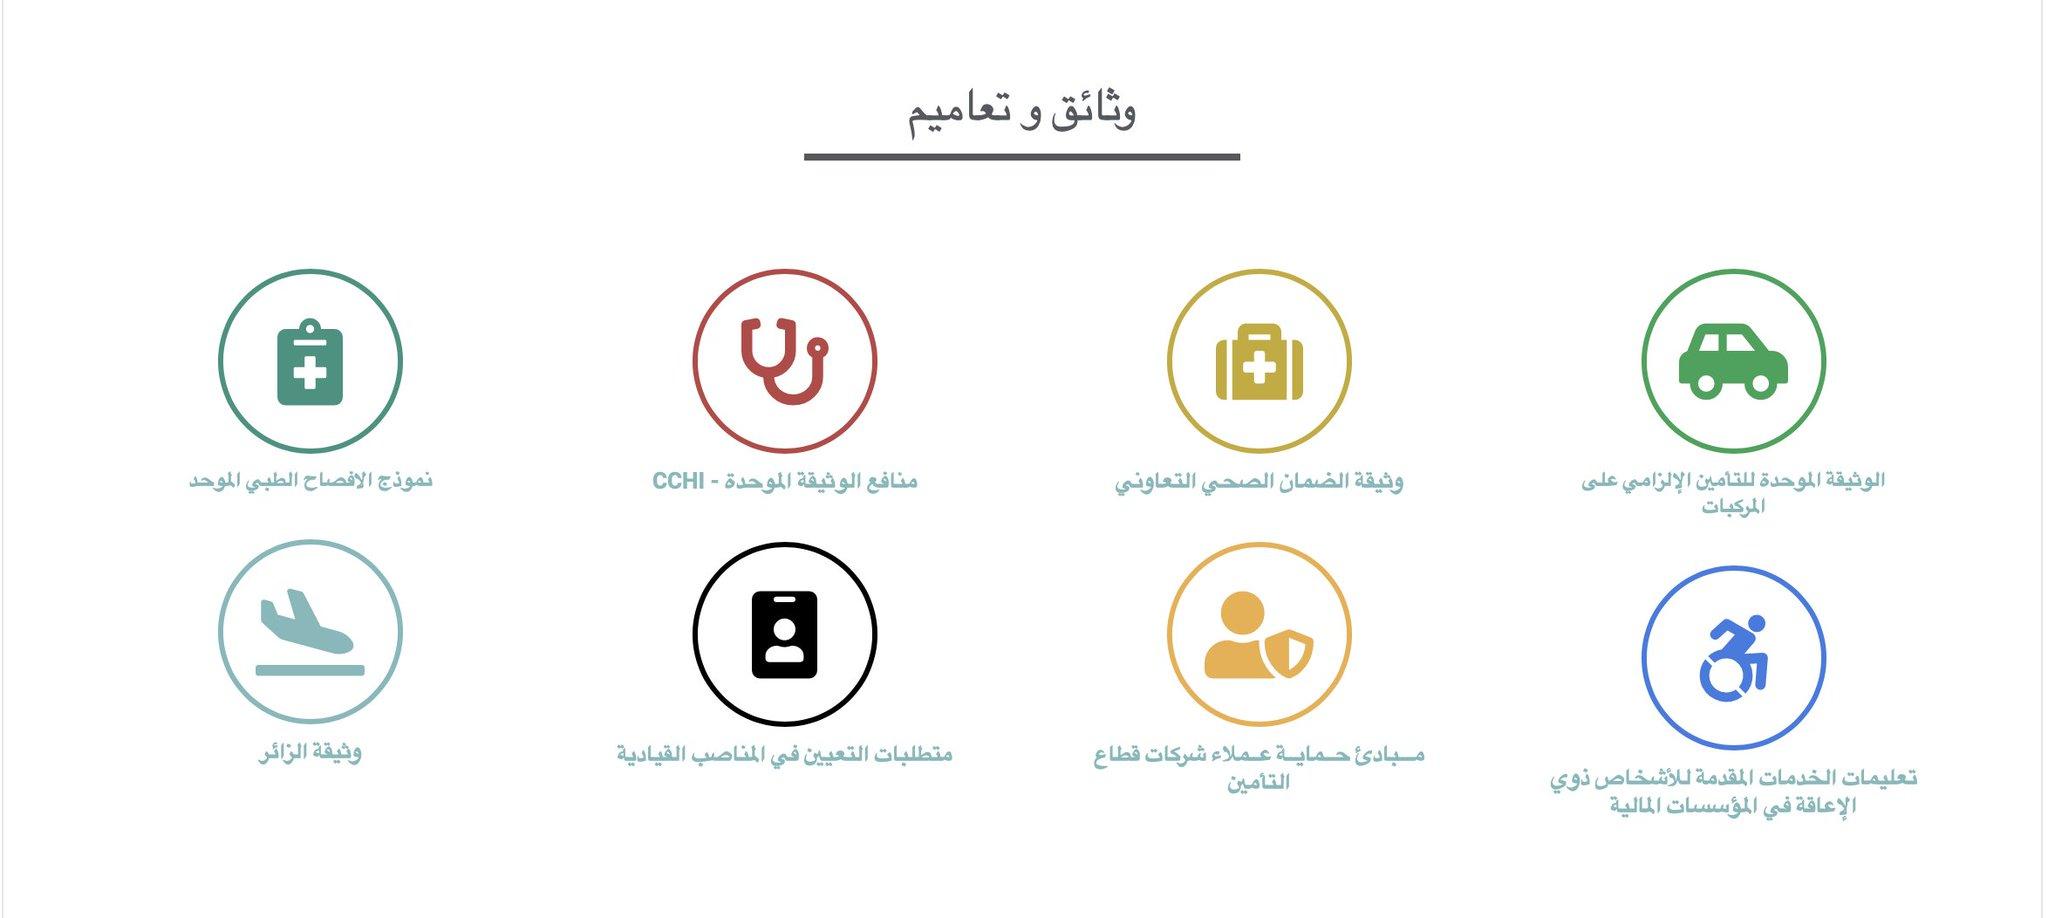 نموذج الافصاح الطبي الموحد